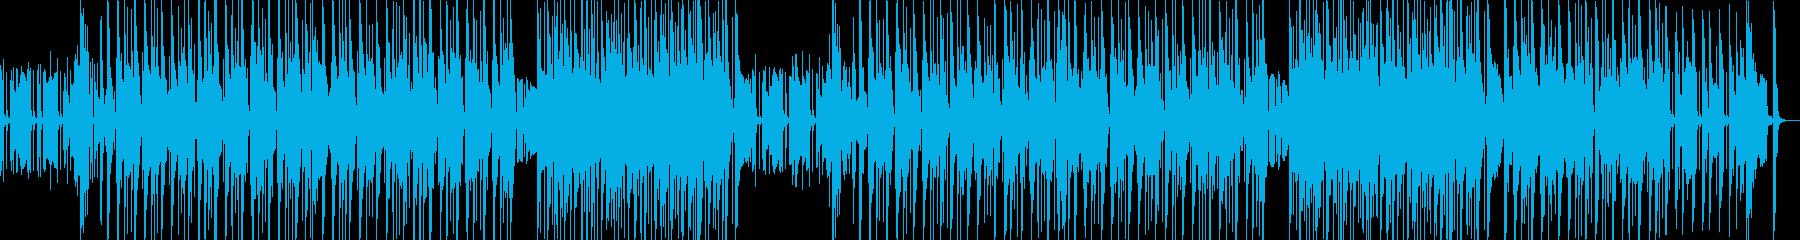 世界イタリア研究所Tarantel...の再生済みの波形